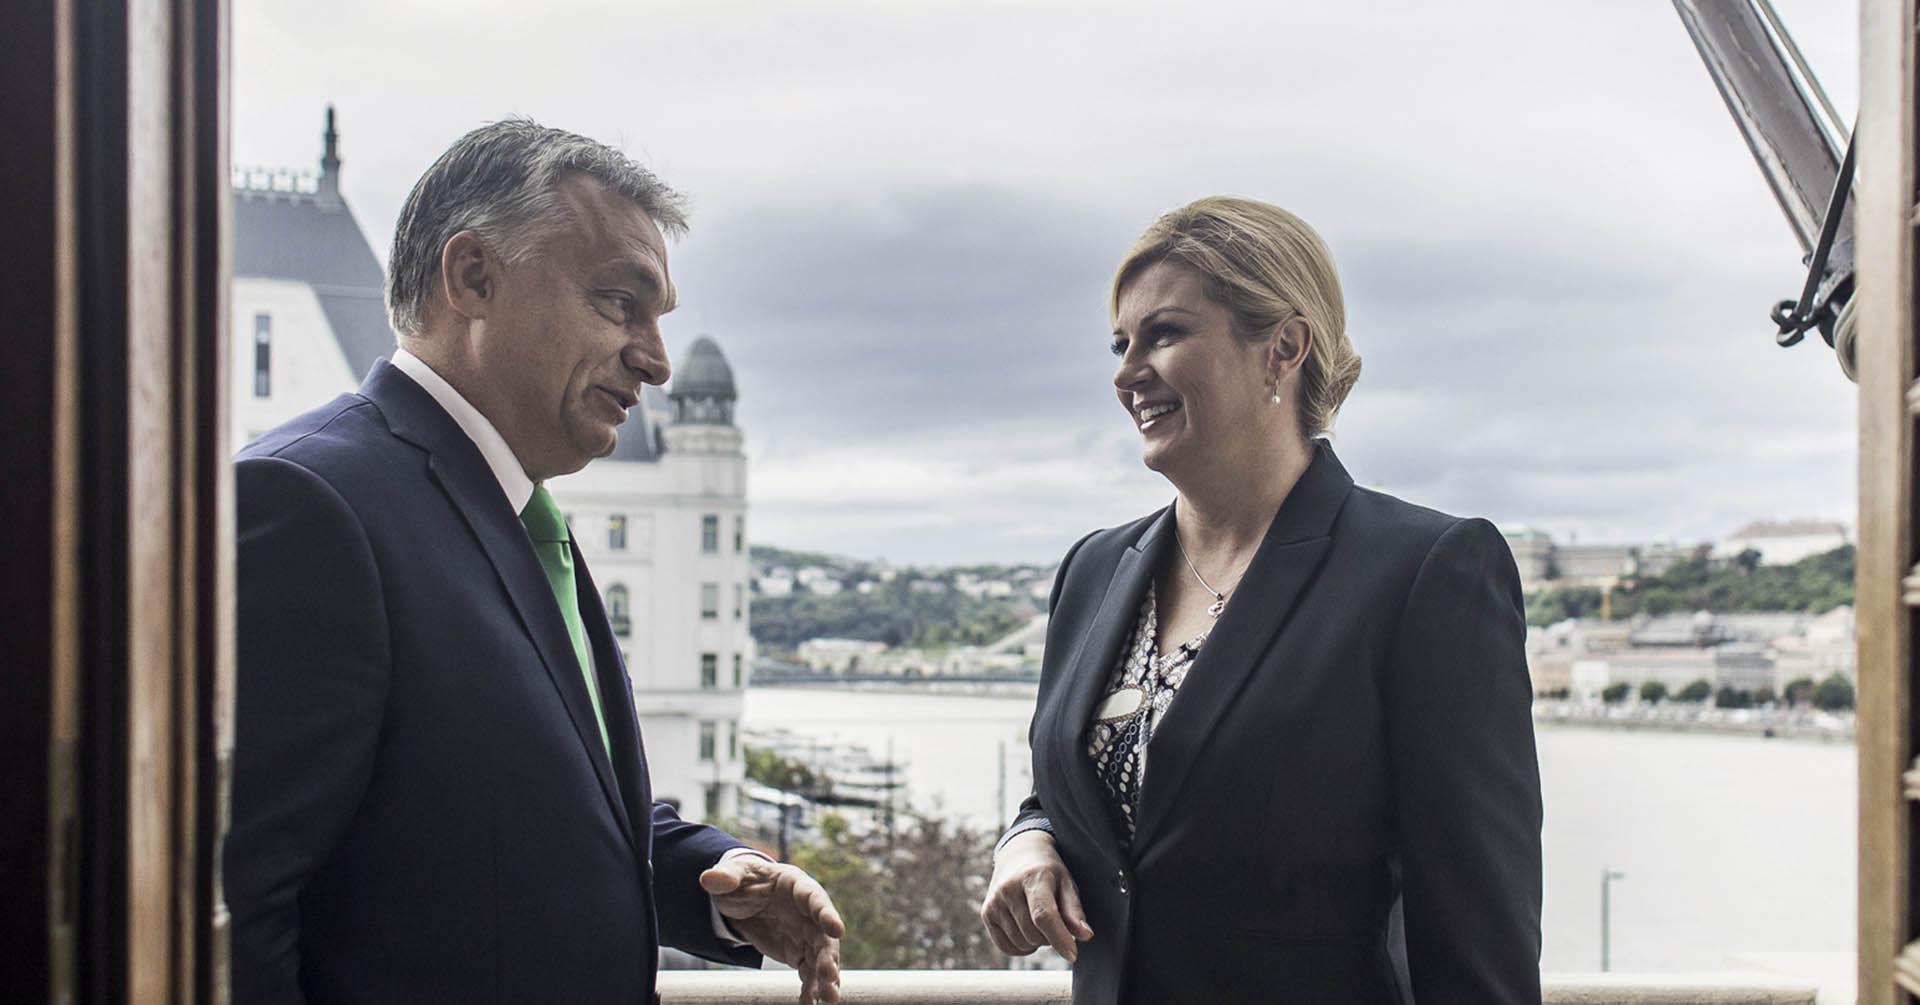 HERNÁDIJEVA SUDBINA bila je ključna tema razgovora u Budimpešti